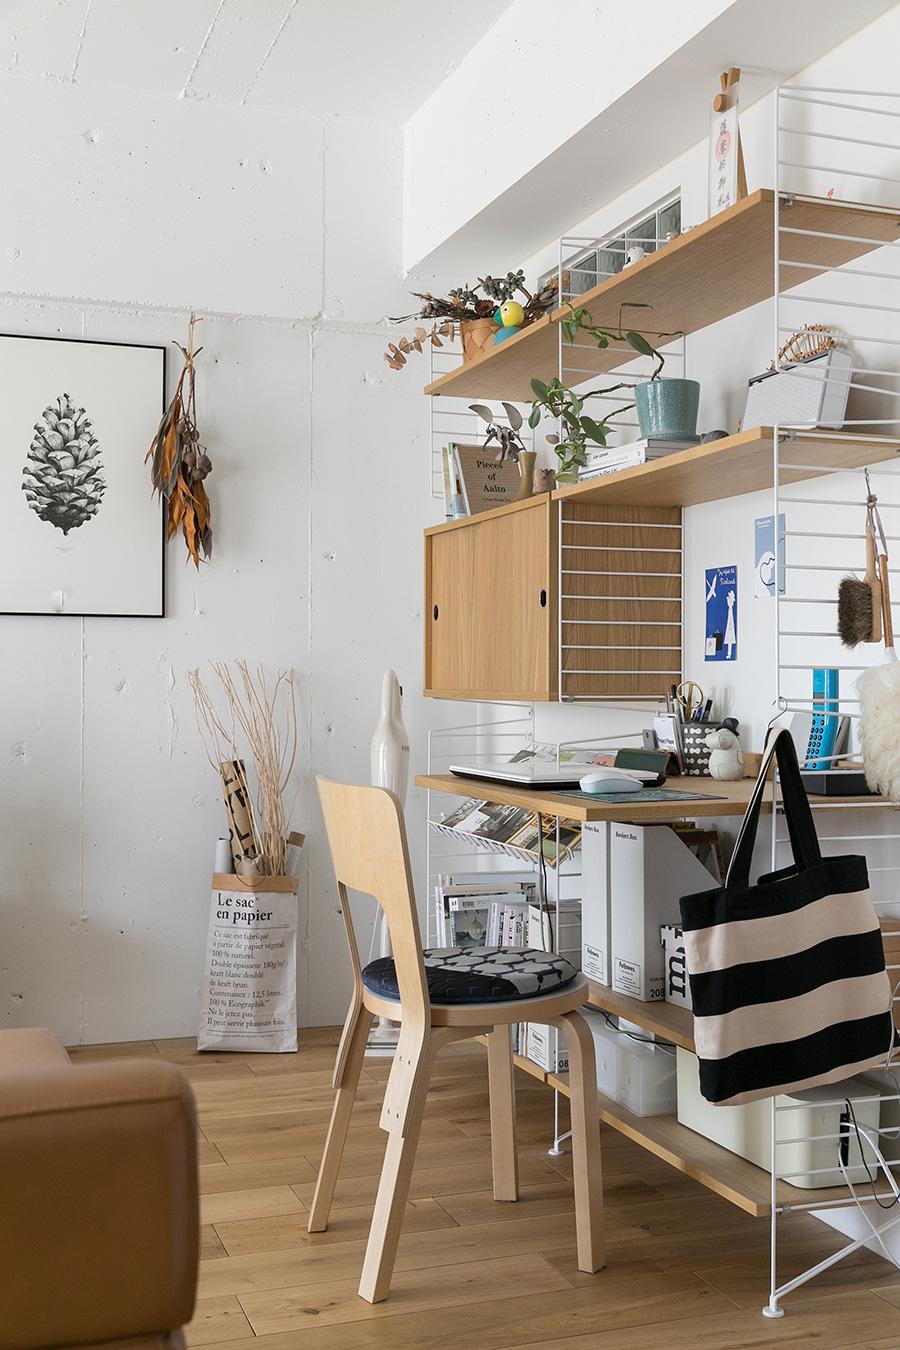 スウェーデンの壁掛け収納ストリング。ワークデスクも作っていたので、リモートワークで大活躍。「ストリングは『nu』を通して購入し、設置もしてもらいました」